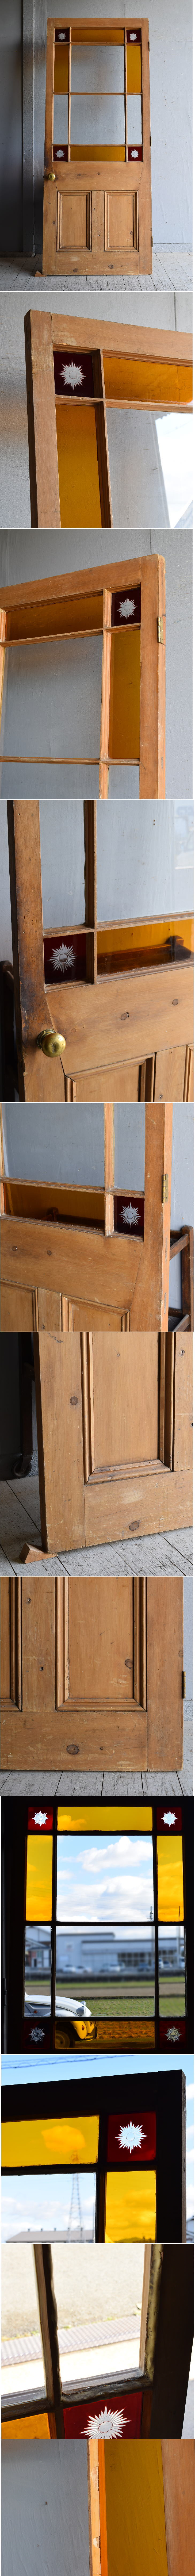 イギリス アンティーク ドア 扉 建具 8331